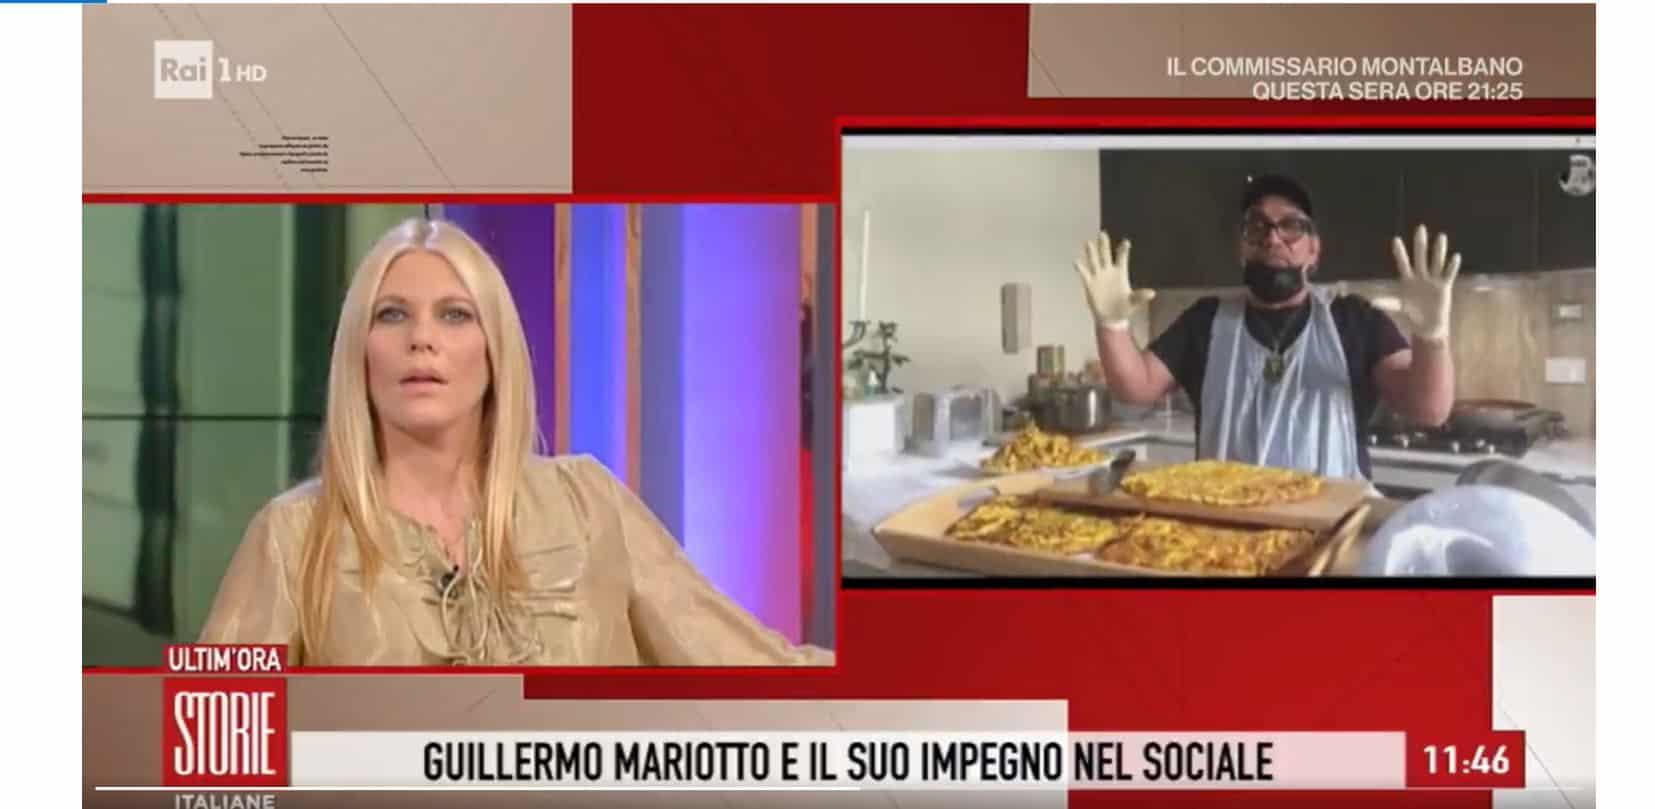 Guillermo Mariotto festeggia il suo compleanno cucinando per chi ha bisogno: gli auguri da Storie Italiane